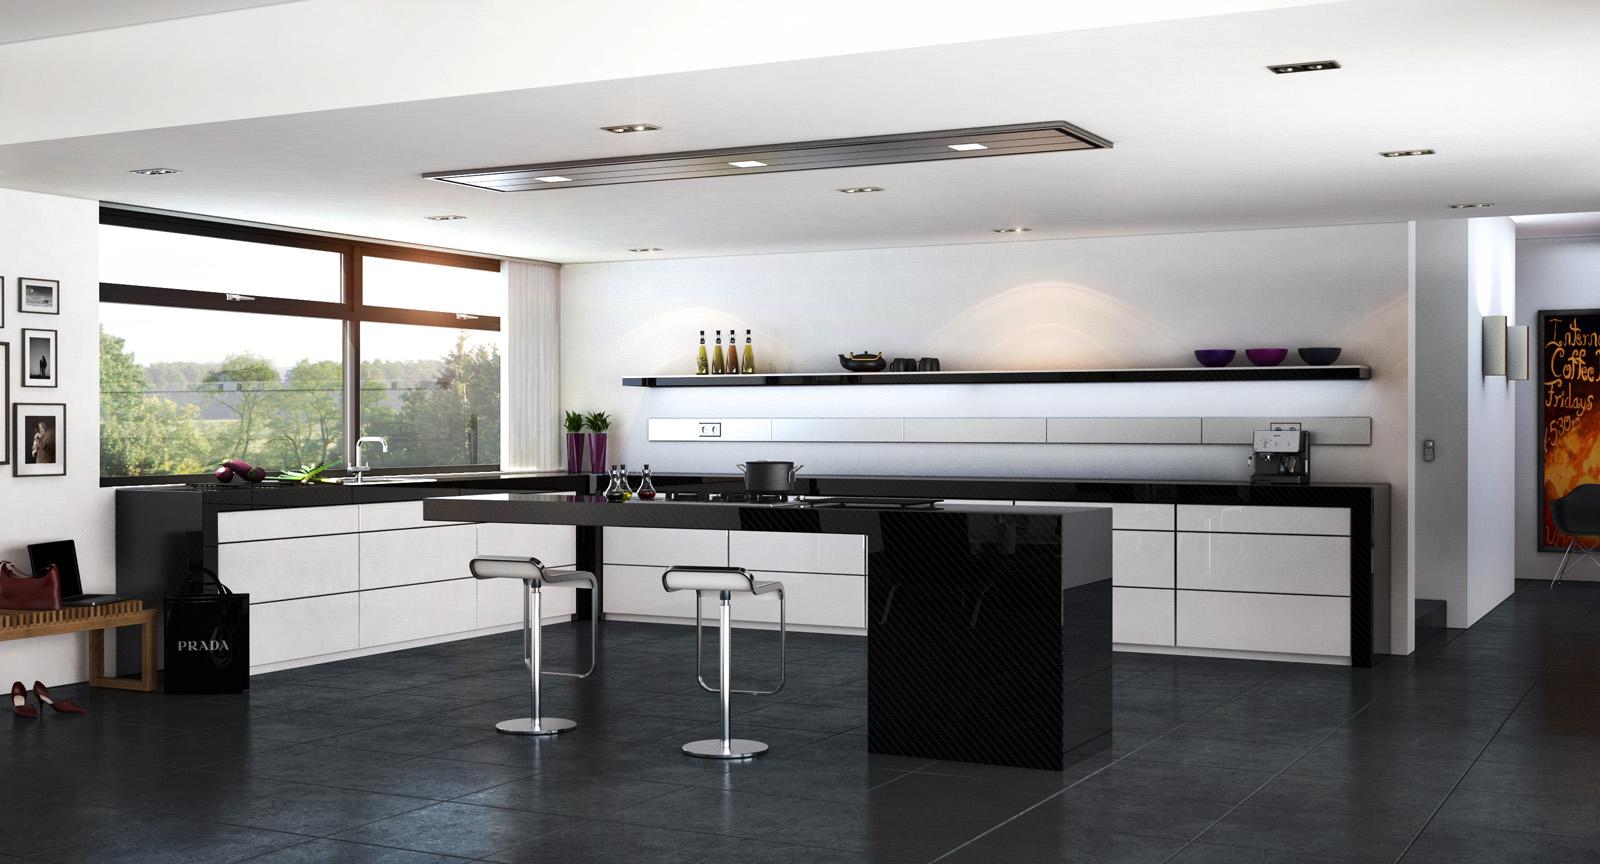 Carbon Fiber Kitchen Cabinets - Kitchen Design Ideas